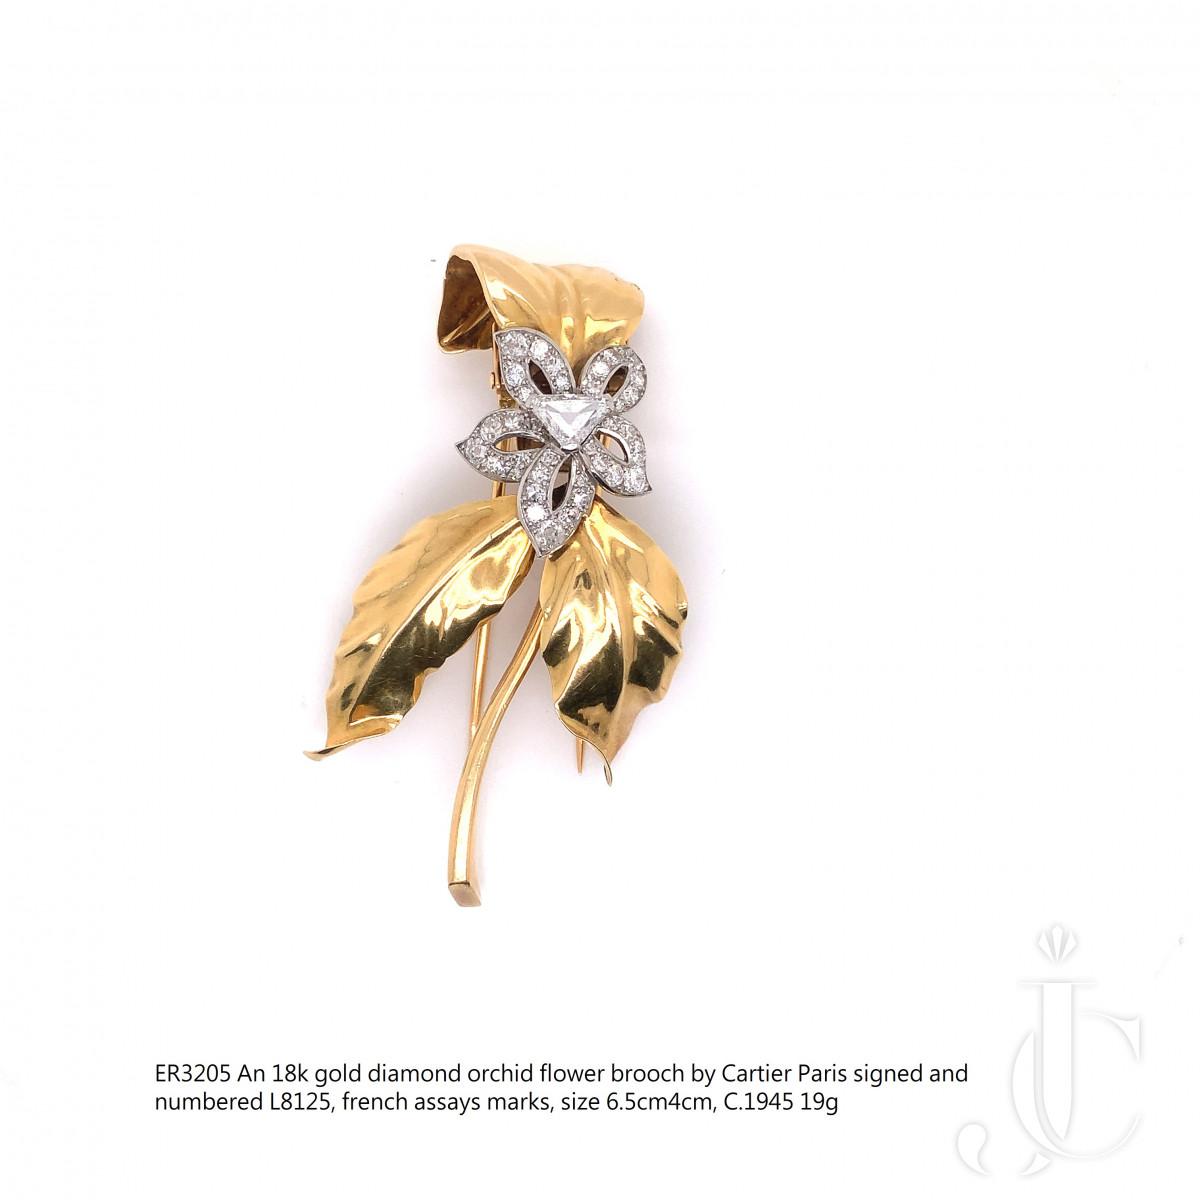 An 18k gold diamond orchid flower brooch by Cartier Paris